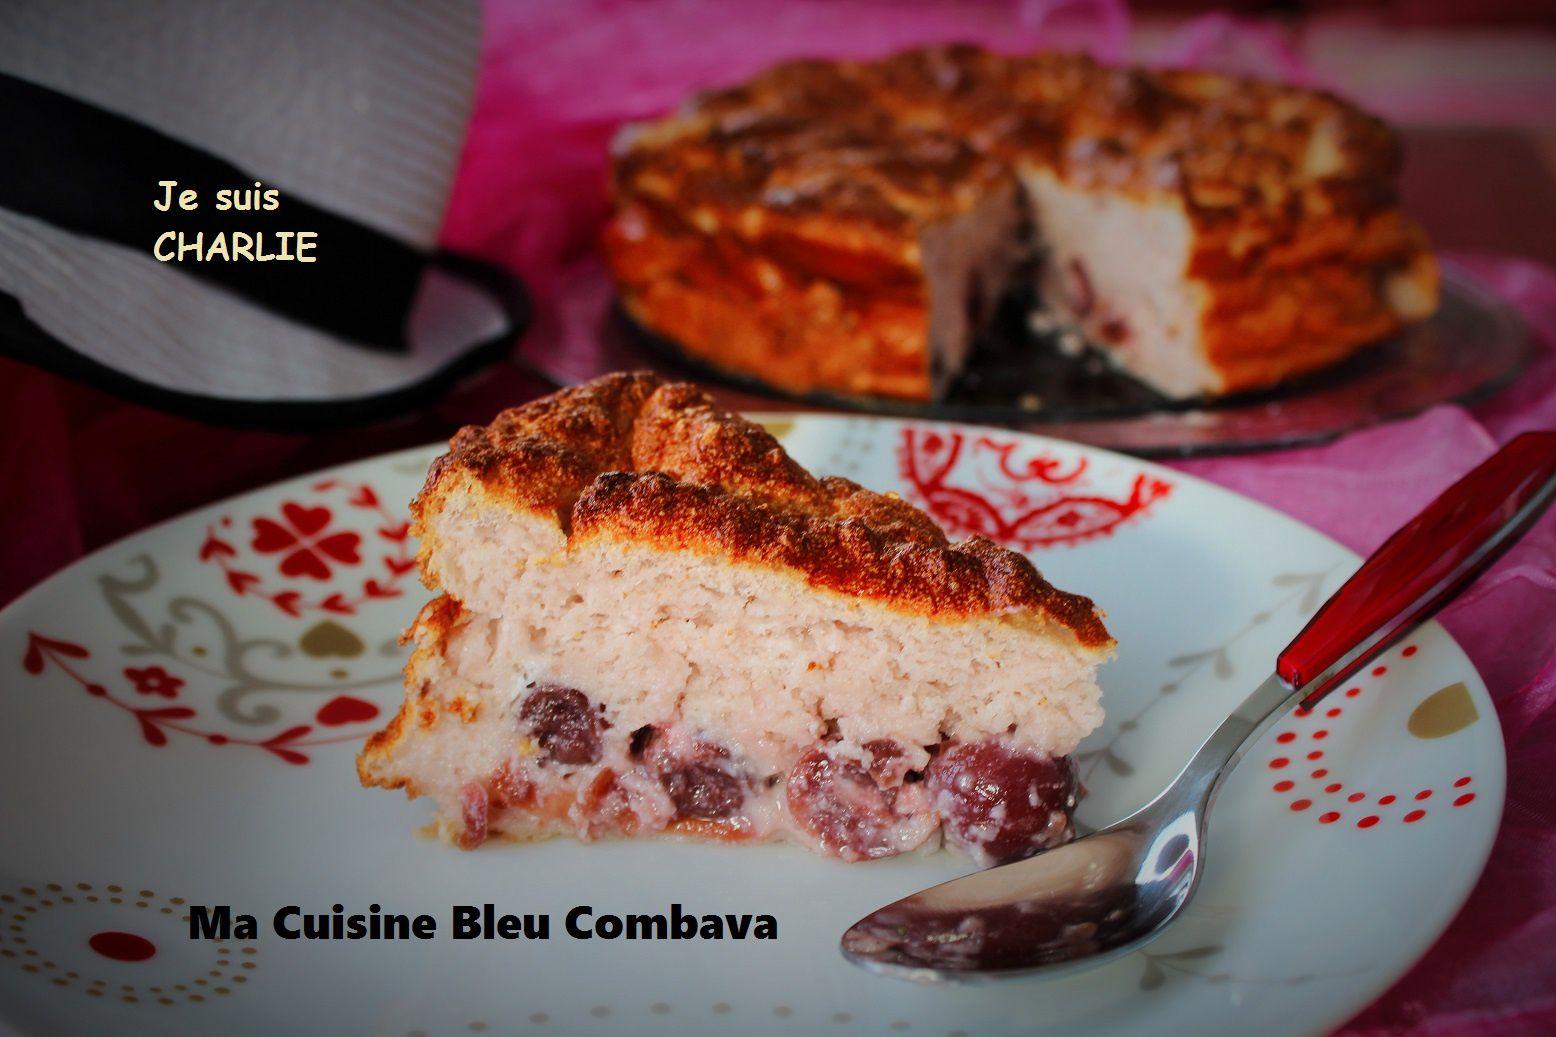 Gâteau au Fromage Blanc aux Fruits Rouges (light)